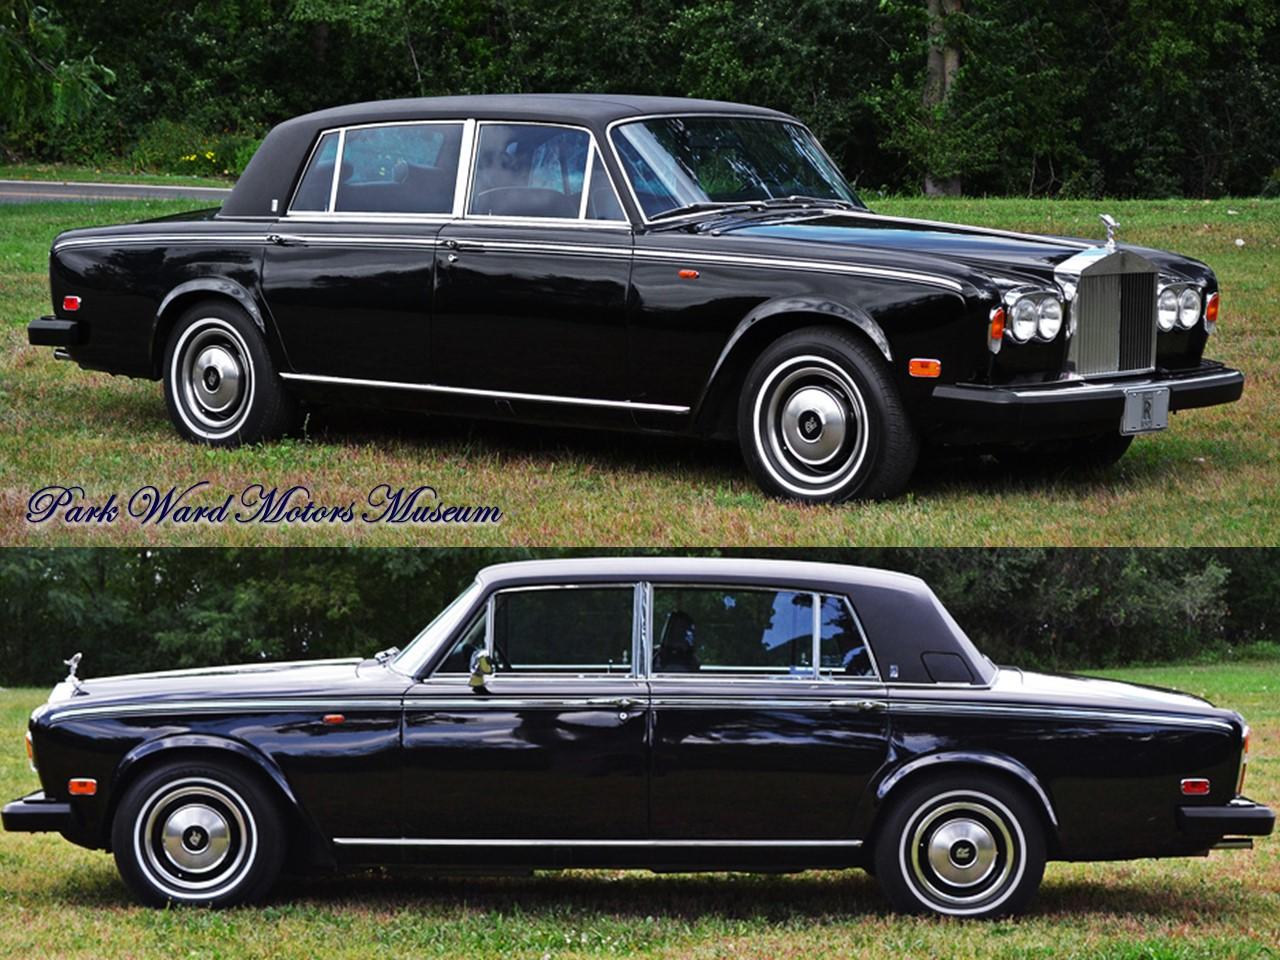 1980 Silver Wraith II 4-dooe saloon 7